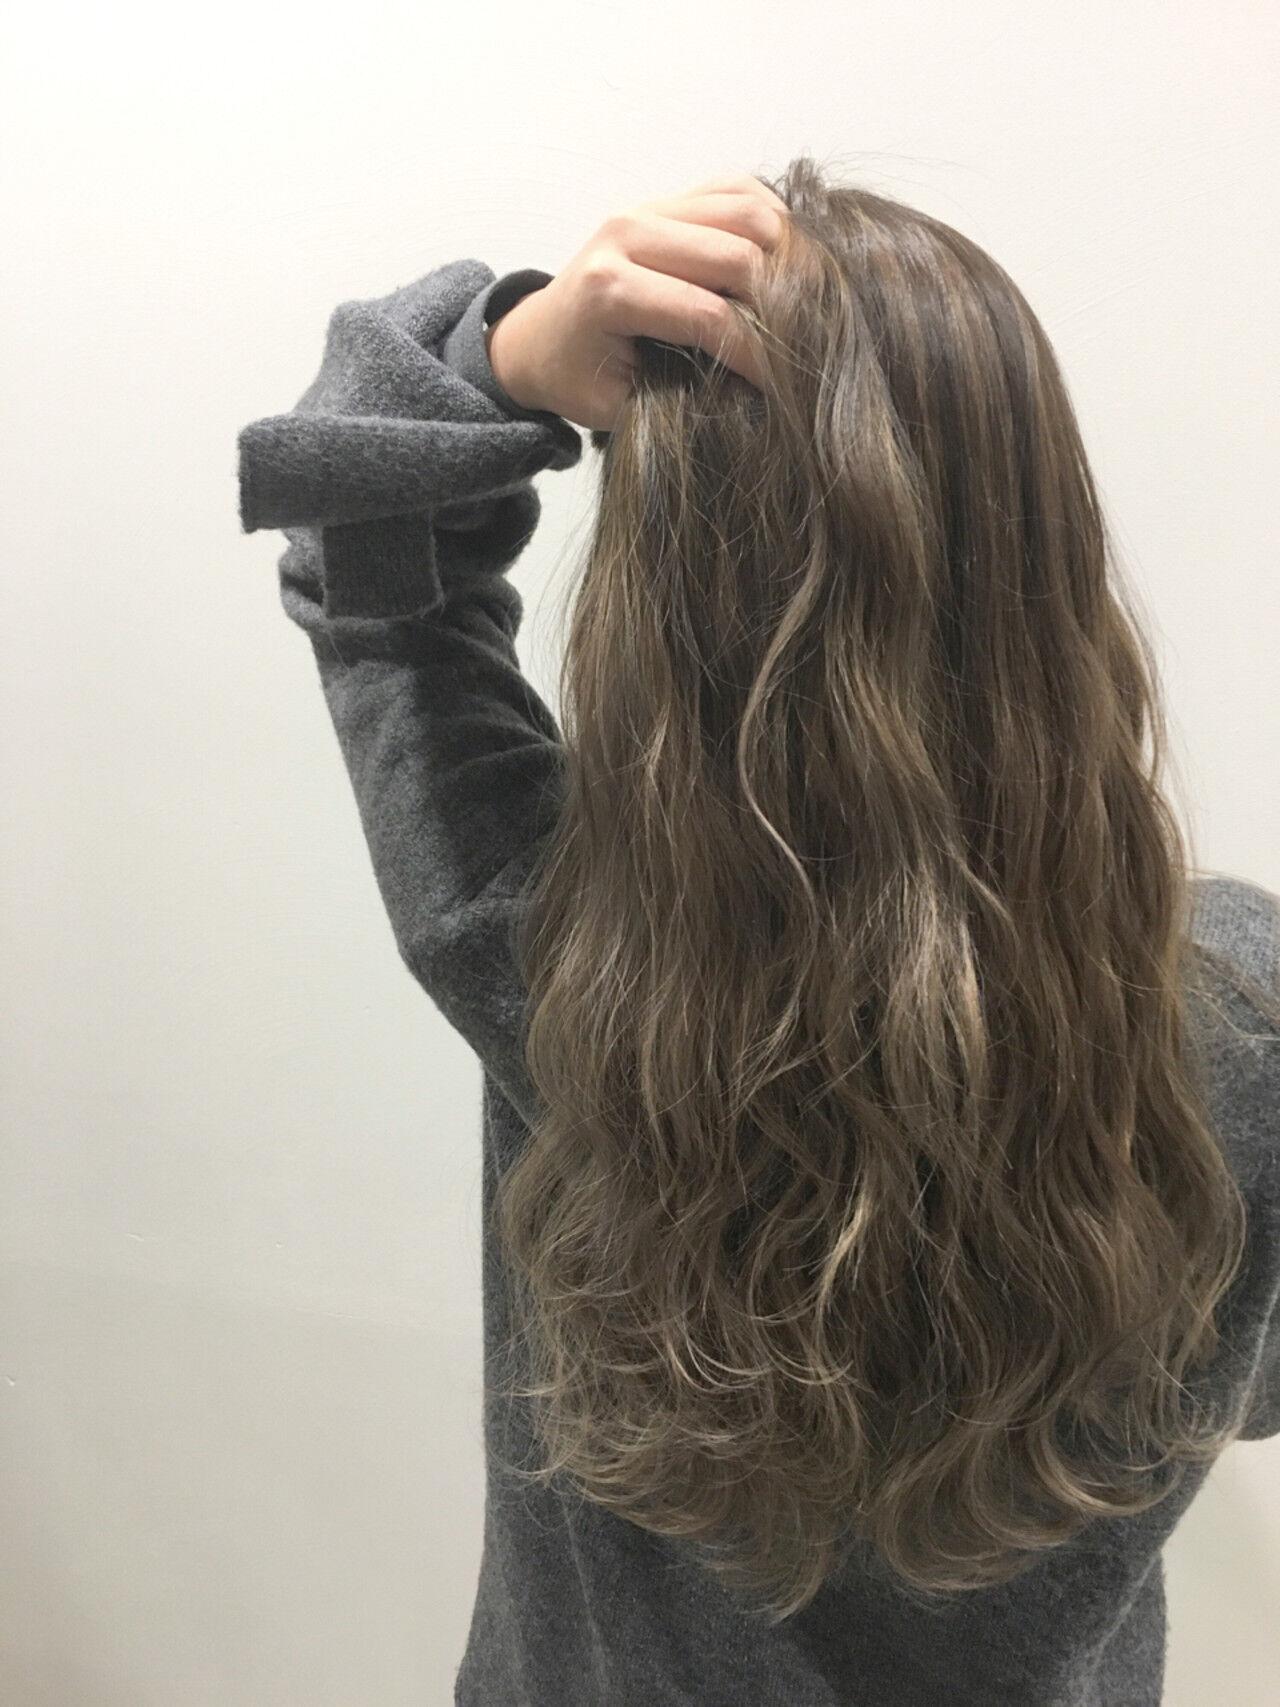 グラデーションカラー ヘアアレンジ ロング アッシュヘアスタイルや髪型の写真・画像